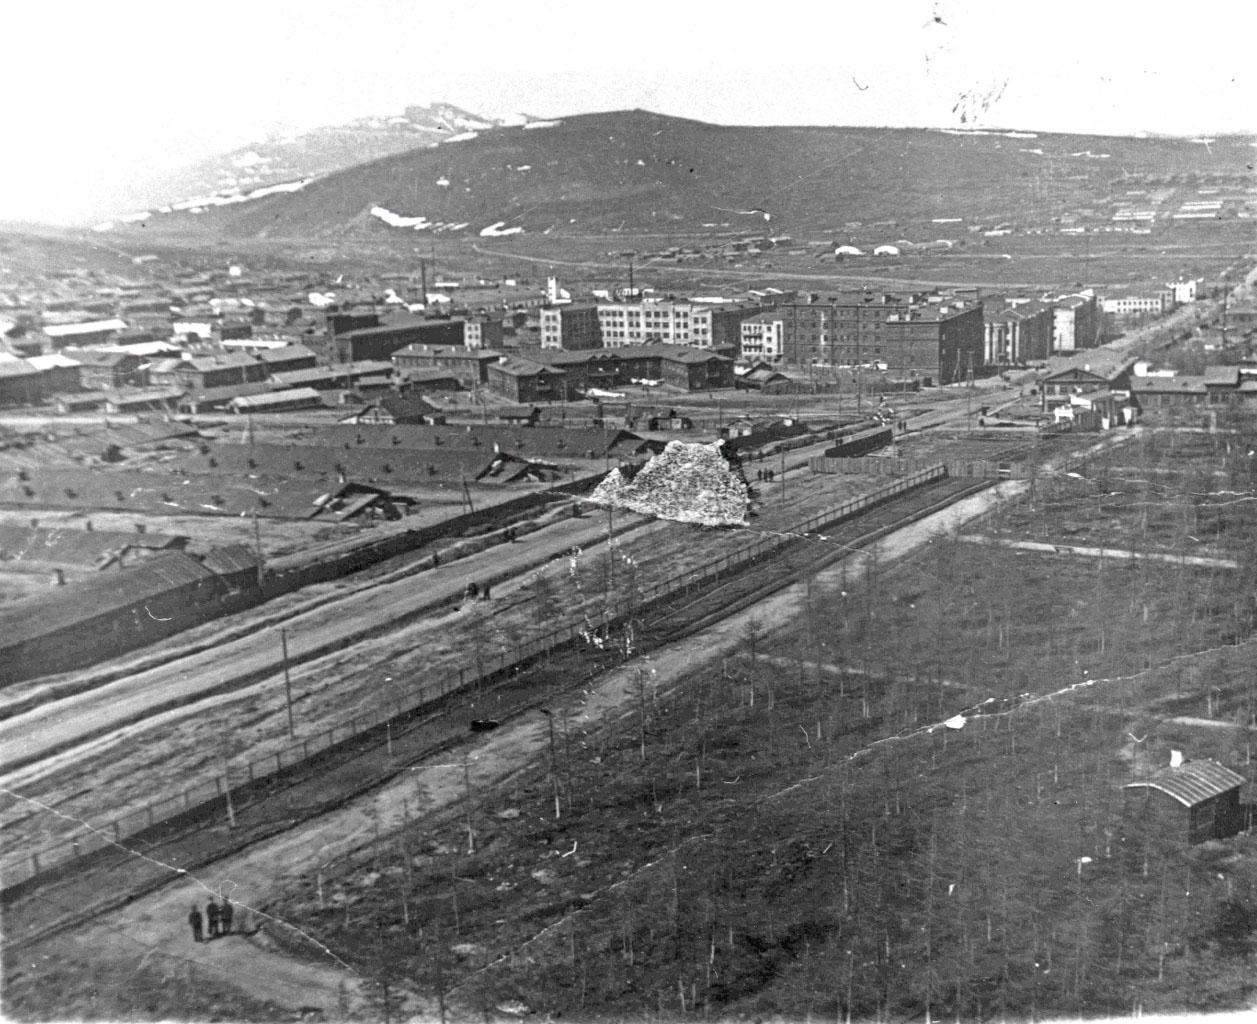 Перспектива Колымского шоссе (ныне пр. Ленина) от сангородка к мосту через р. Магаданку и далее, вглубь материка. Фото сделано в 1941 году с установленной в парке парашютной вышки.